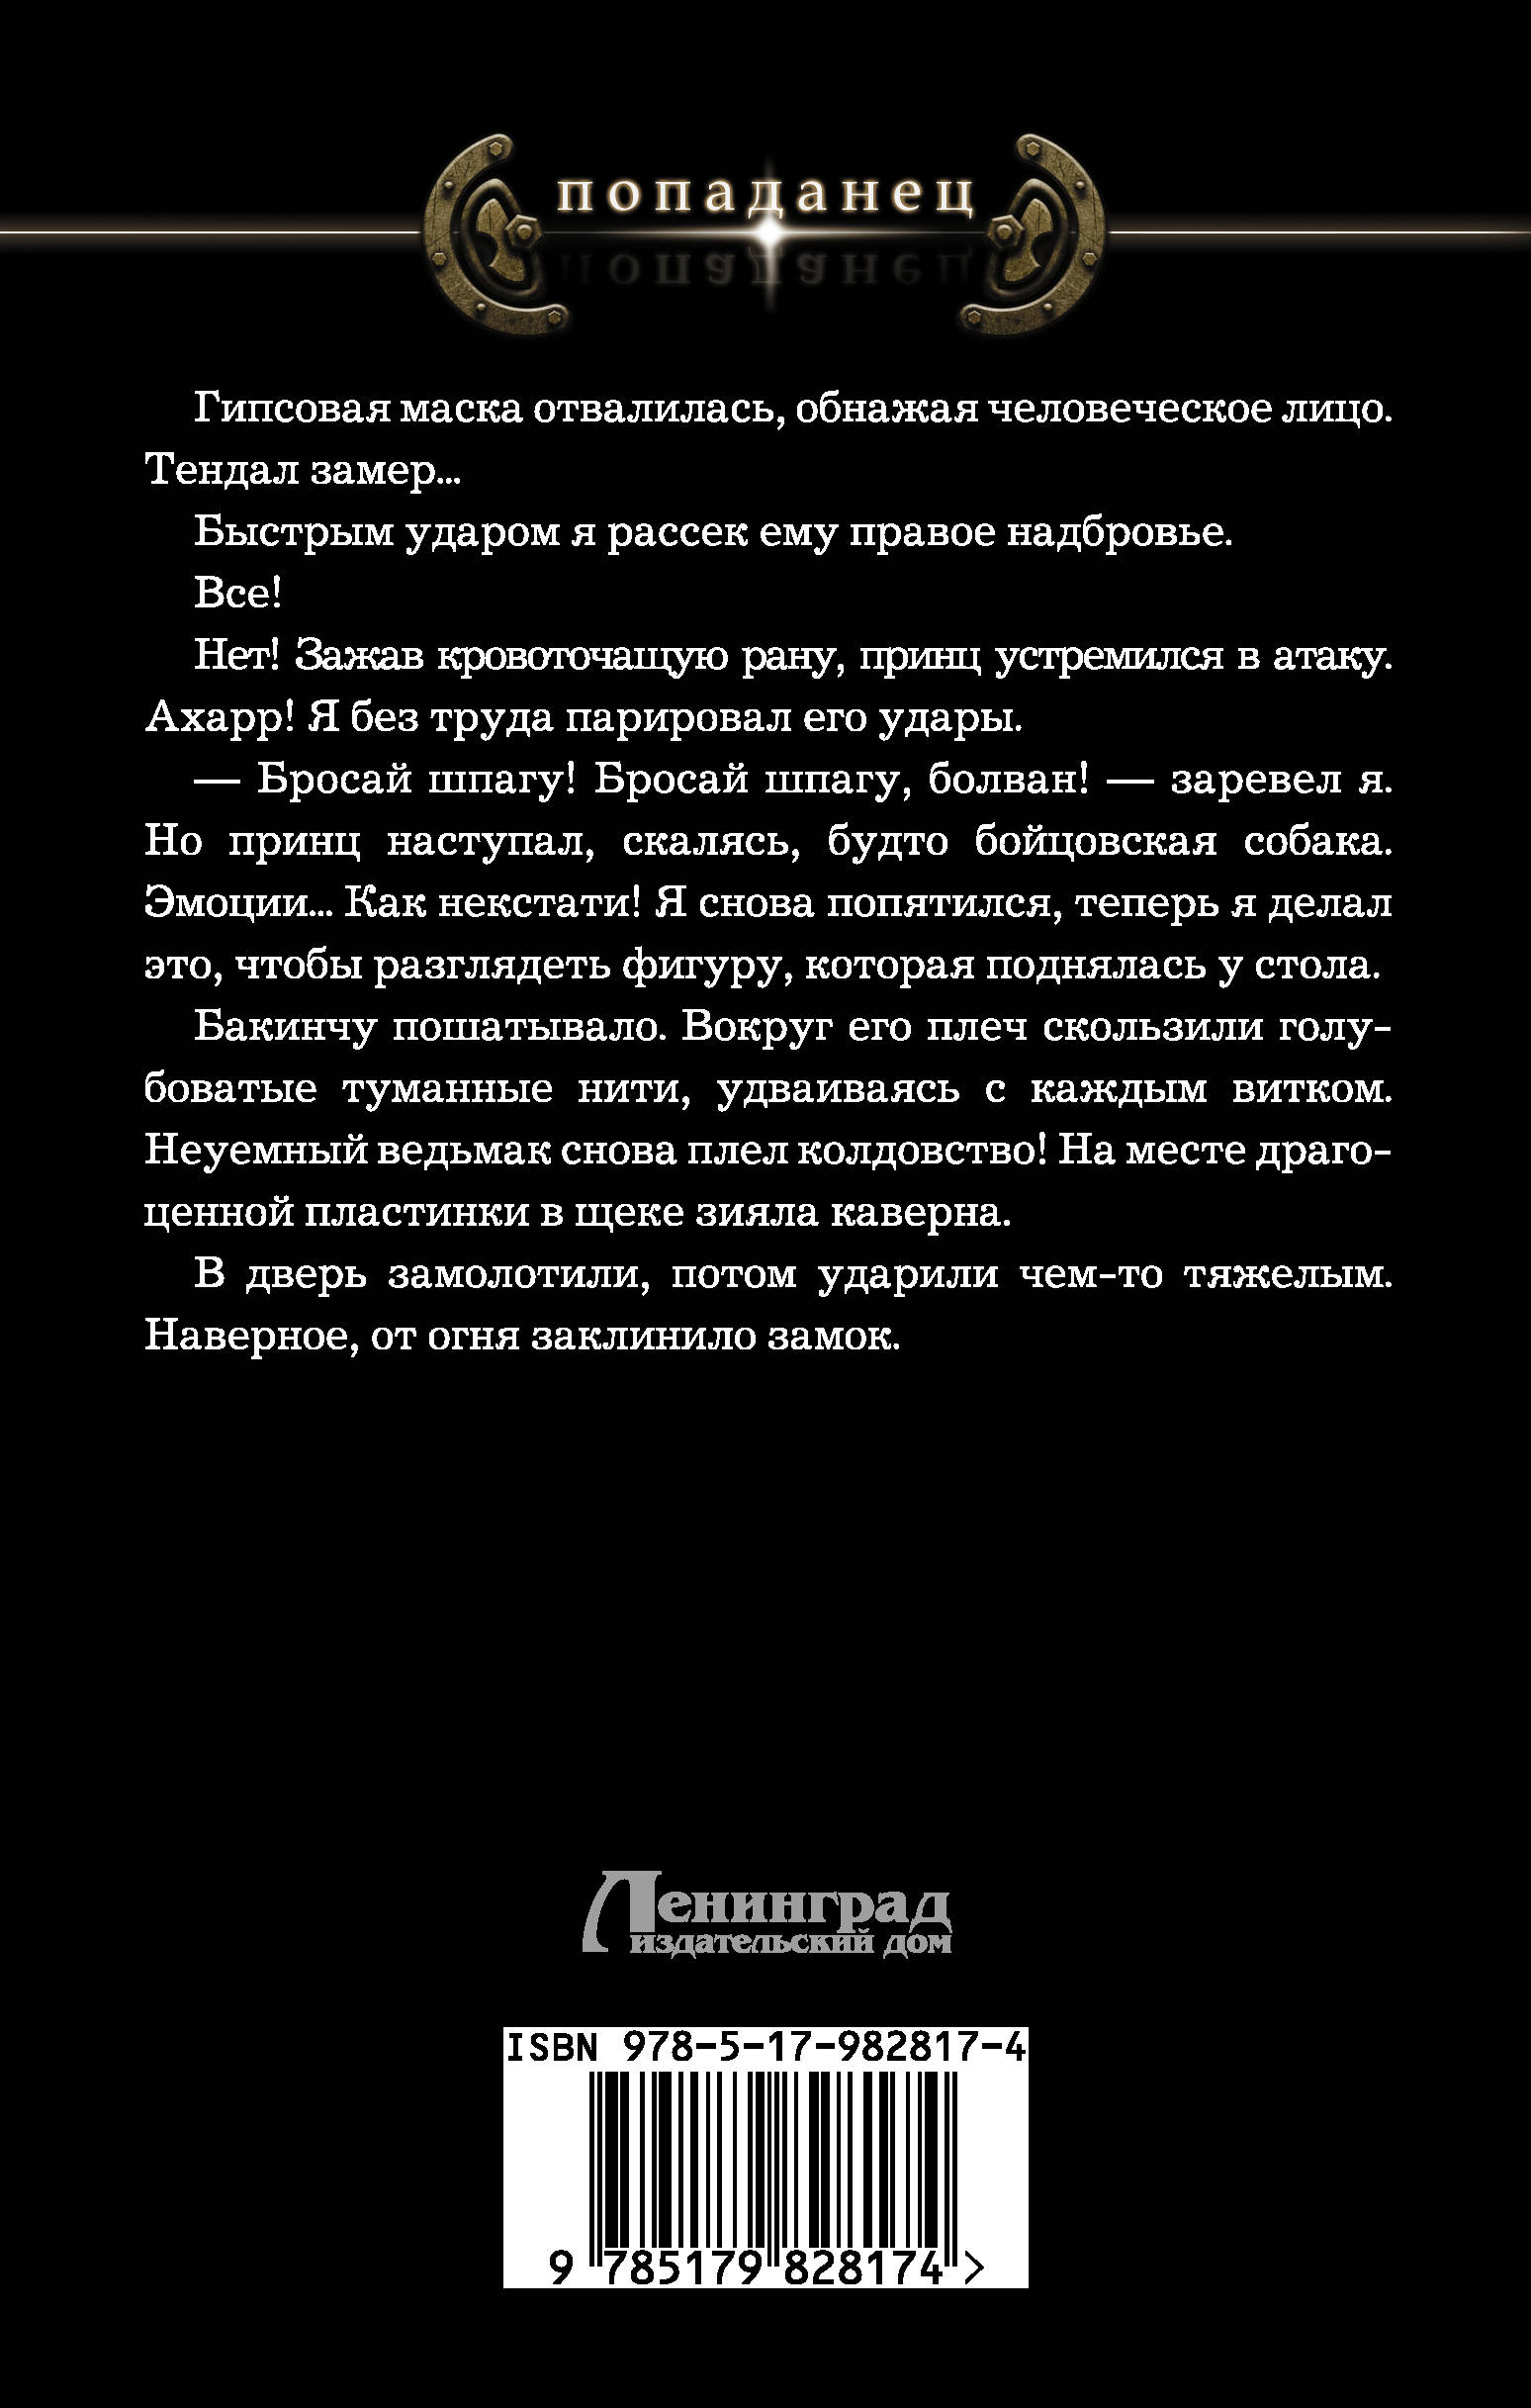 Пропаданец. Евгений Шепельский